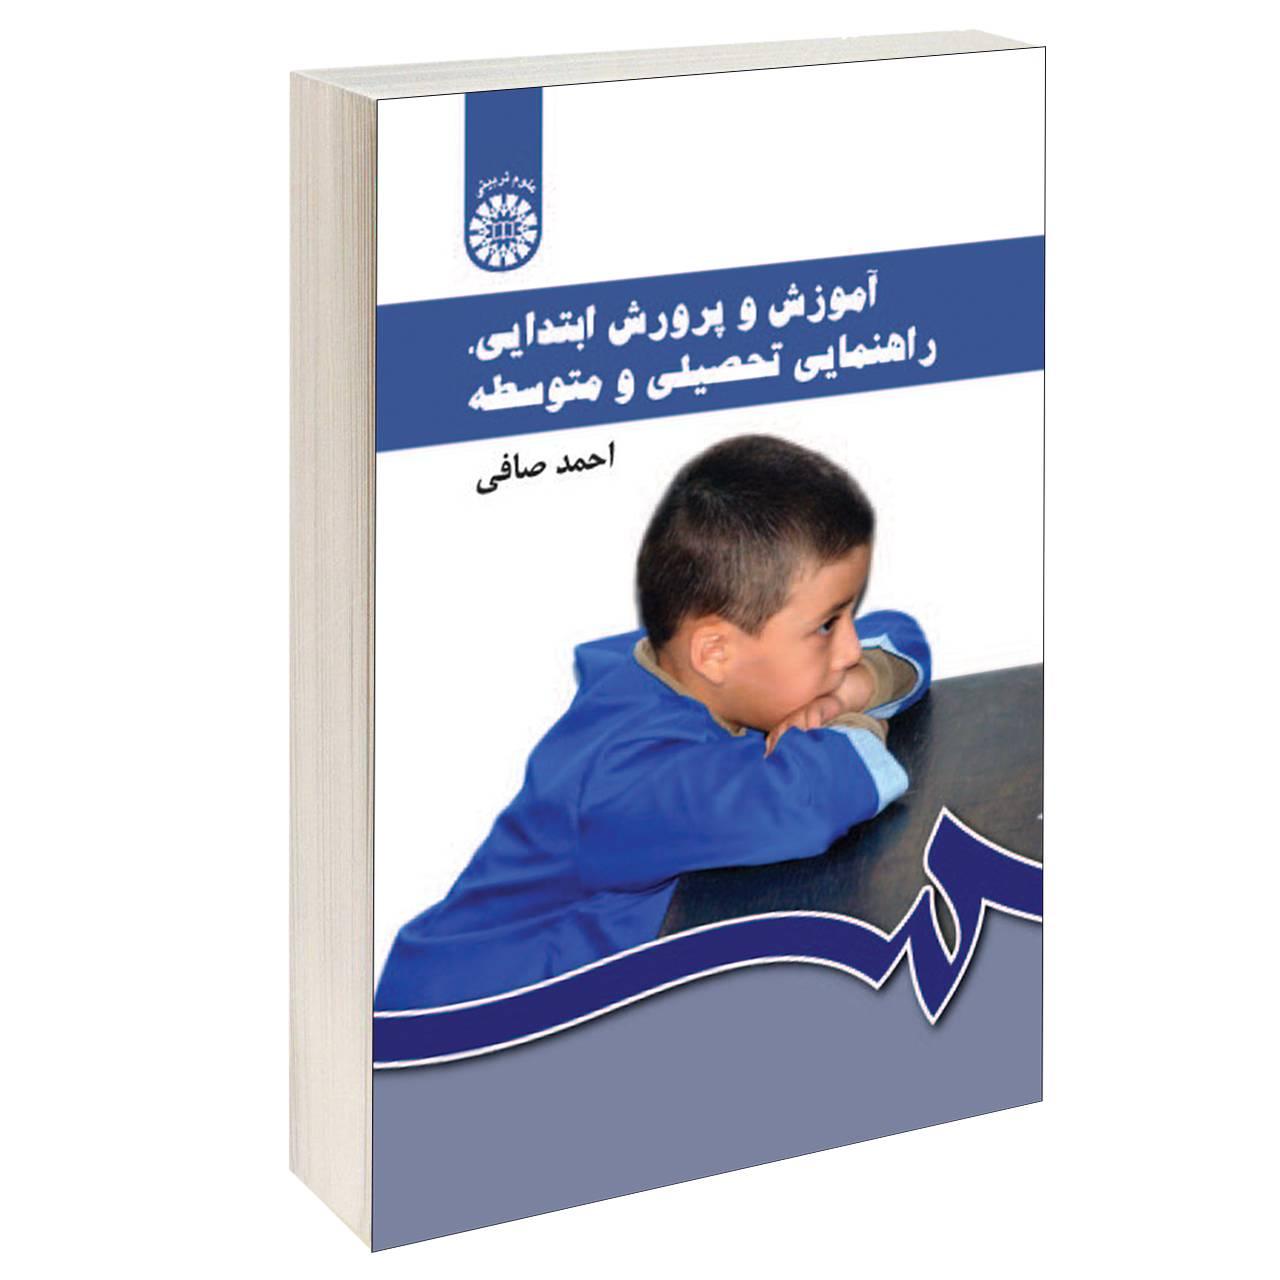 کتاب آموزش و پرورش ابتدایی راهنمایی تحصیلی و متوسطه اثر احمد صافی نشر سمت